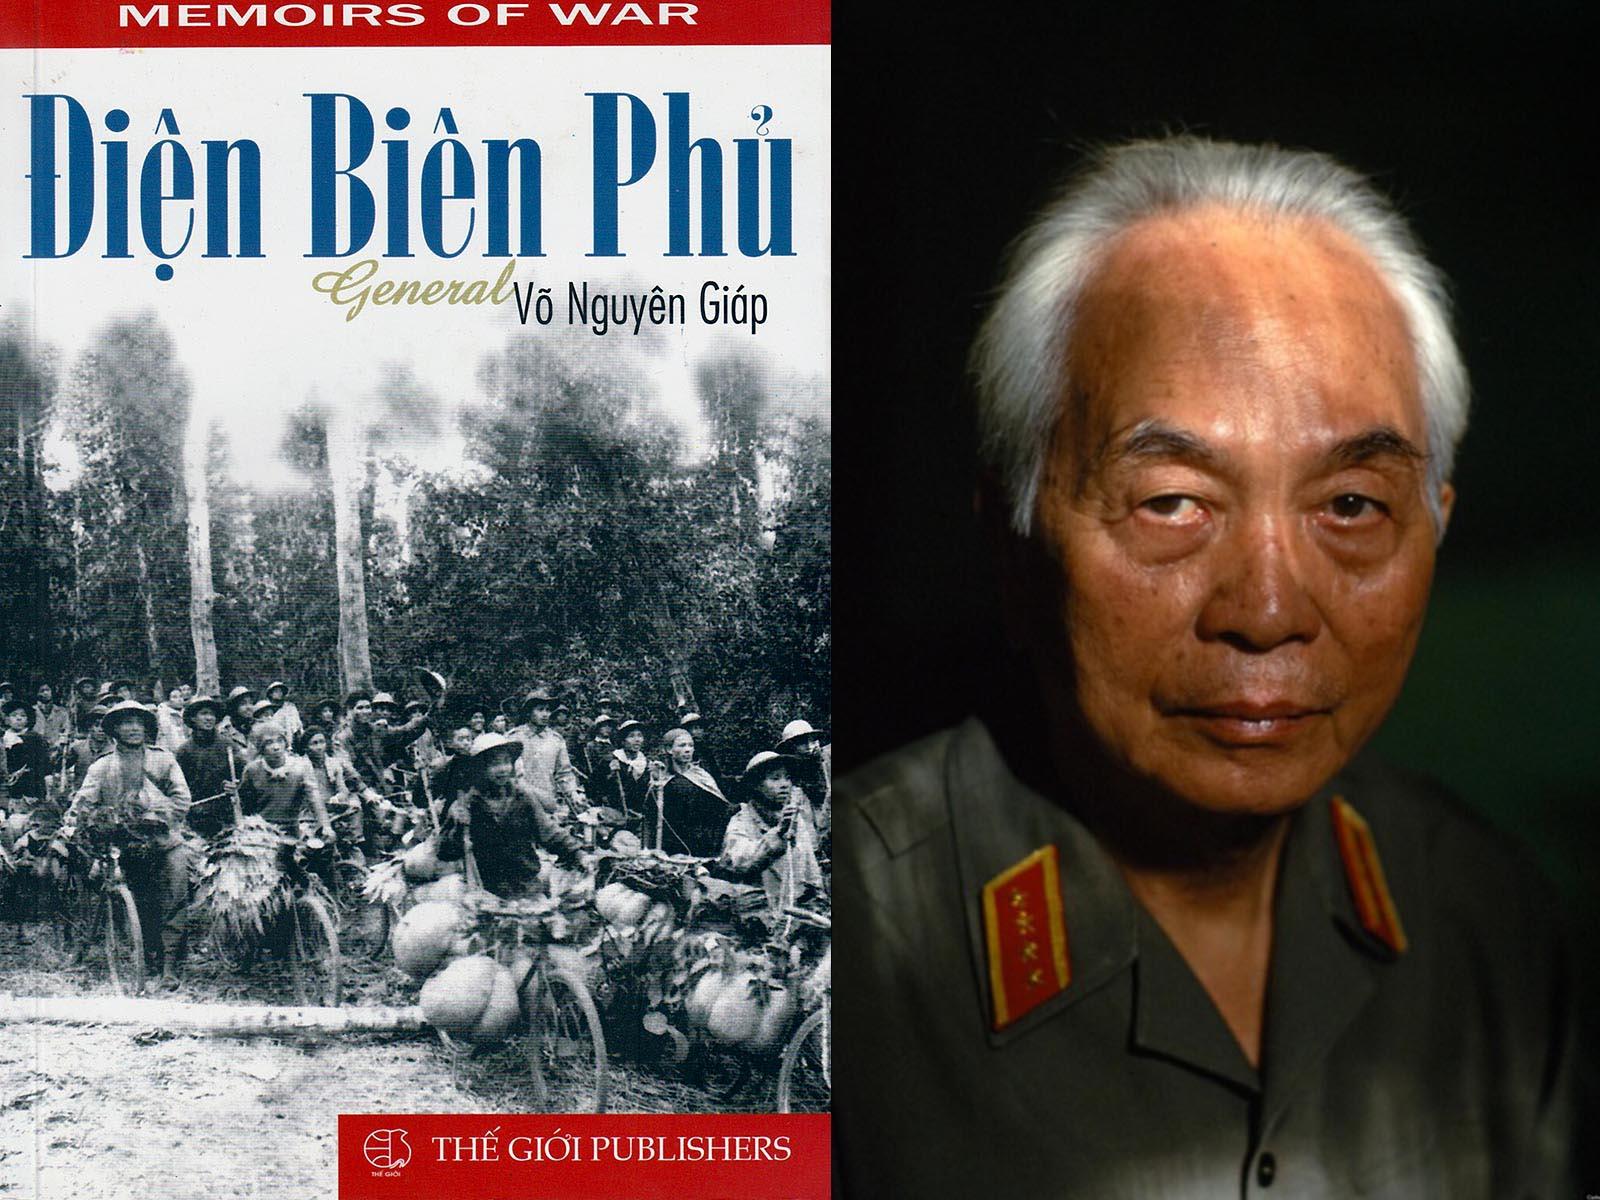 """Le memorie del generale Giap e la storia maledetta della """"benzina solida"""""""